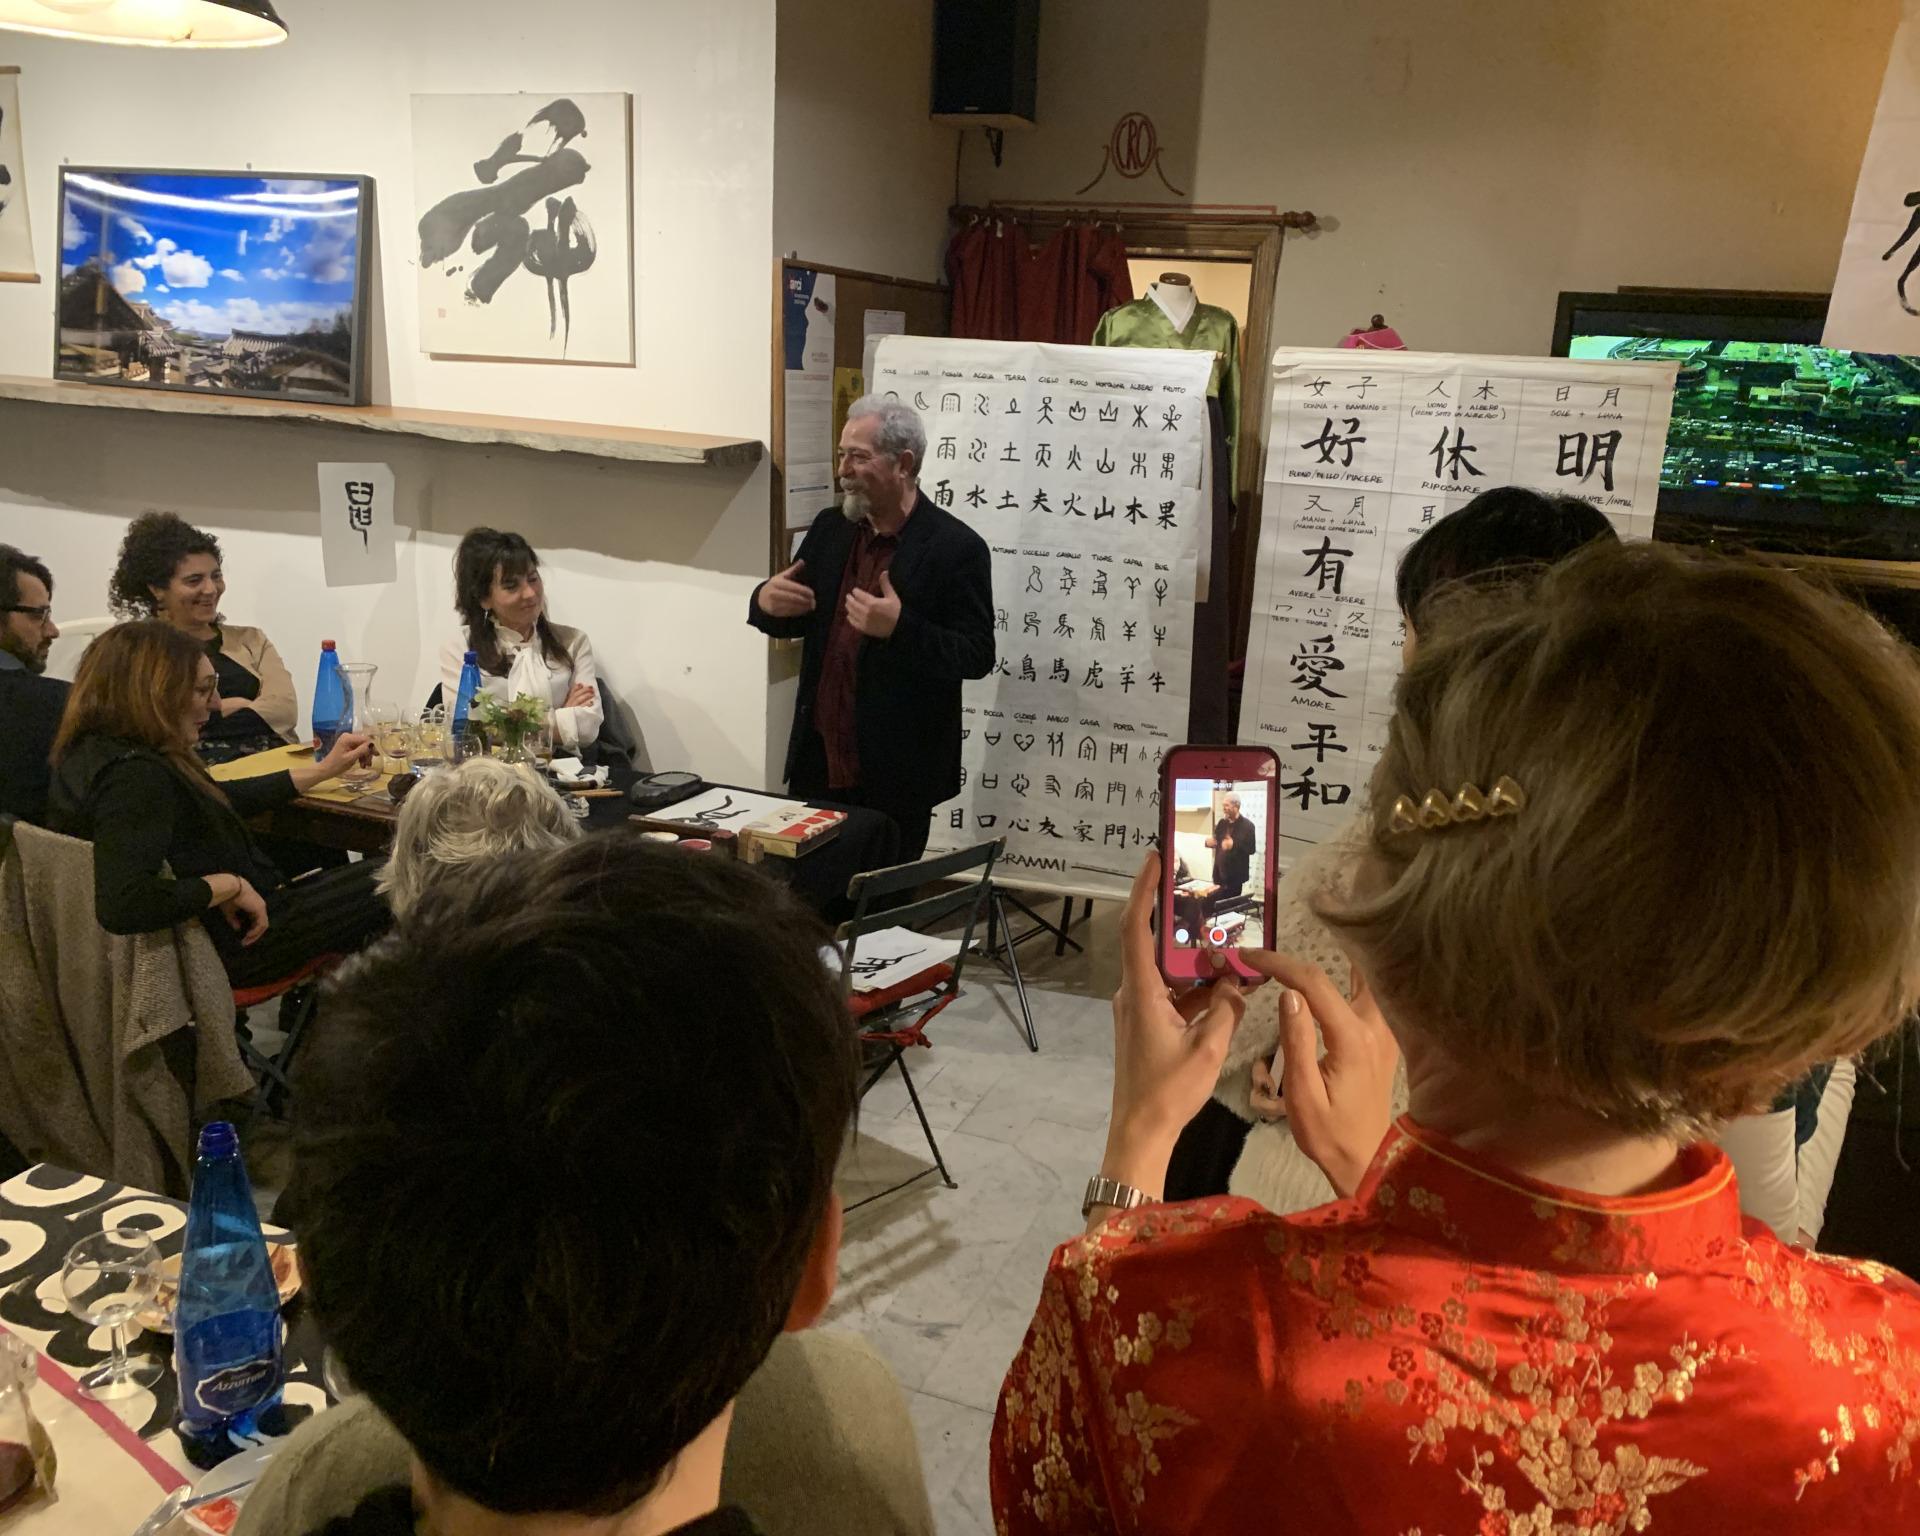 Franco Pagliarulo durante la presentazione di arte grafia e cultura coreana al cro di pietrasanta